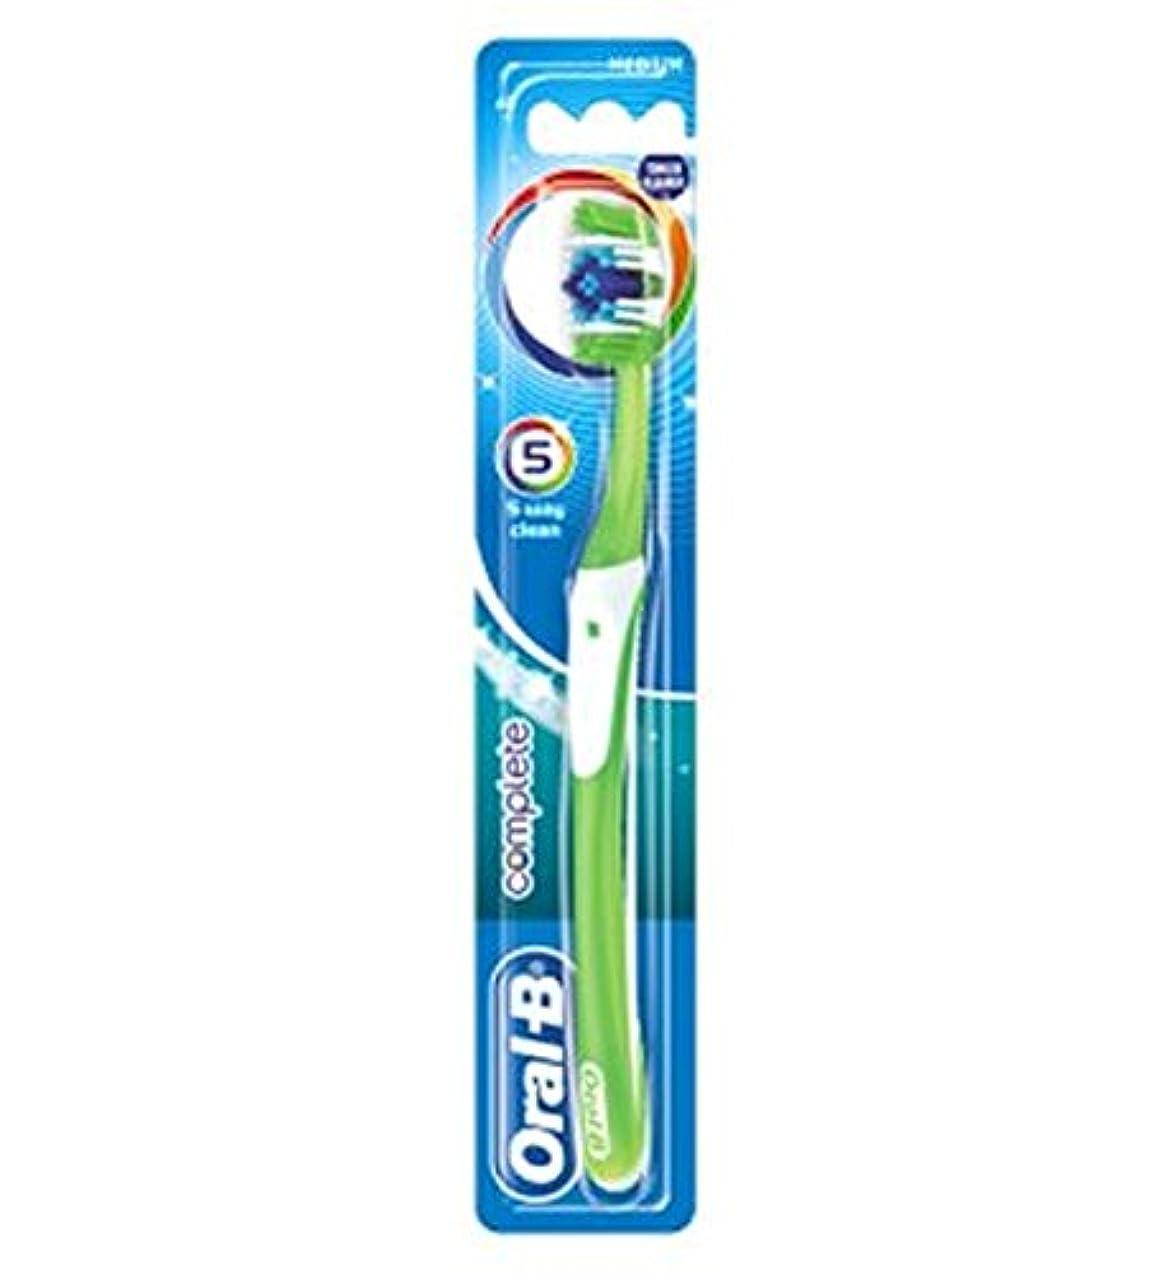 アイロニー略語生息地オーラルBの完全な5道クリーンなメディアの手動歯ブラシ (Oral B) (x2) - Oral-B Complete 5 Way Clean Medium Manual Toothbrush (Pack of 2) [並行輸入品]